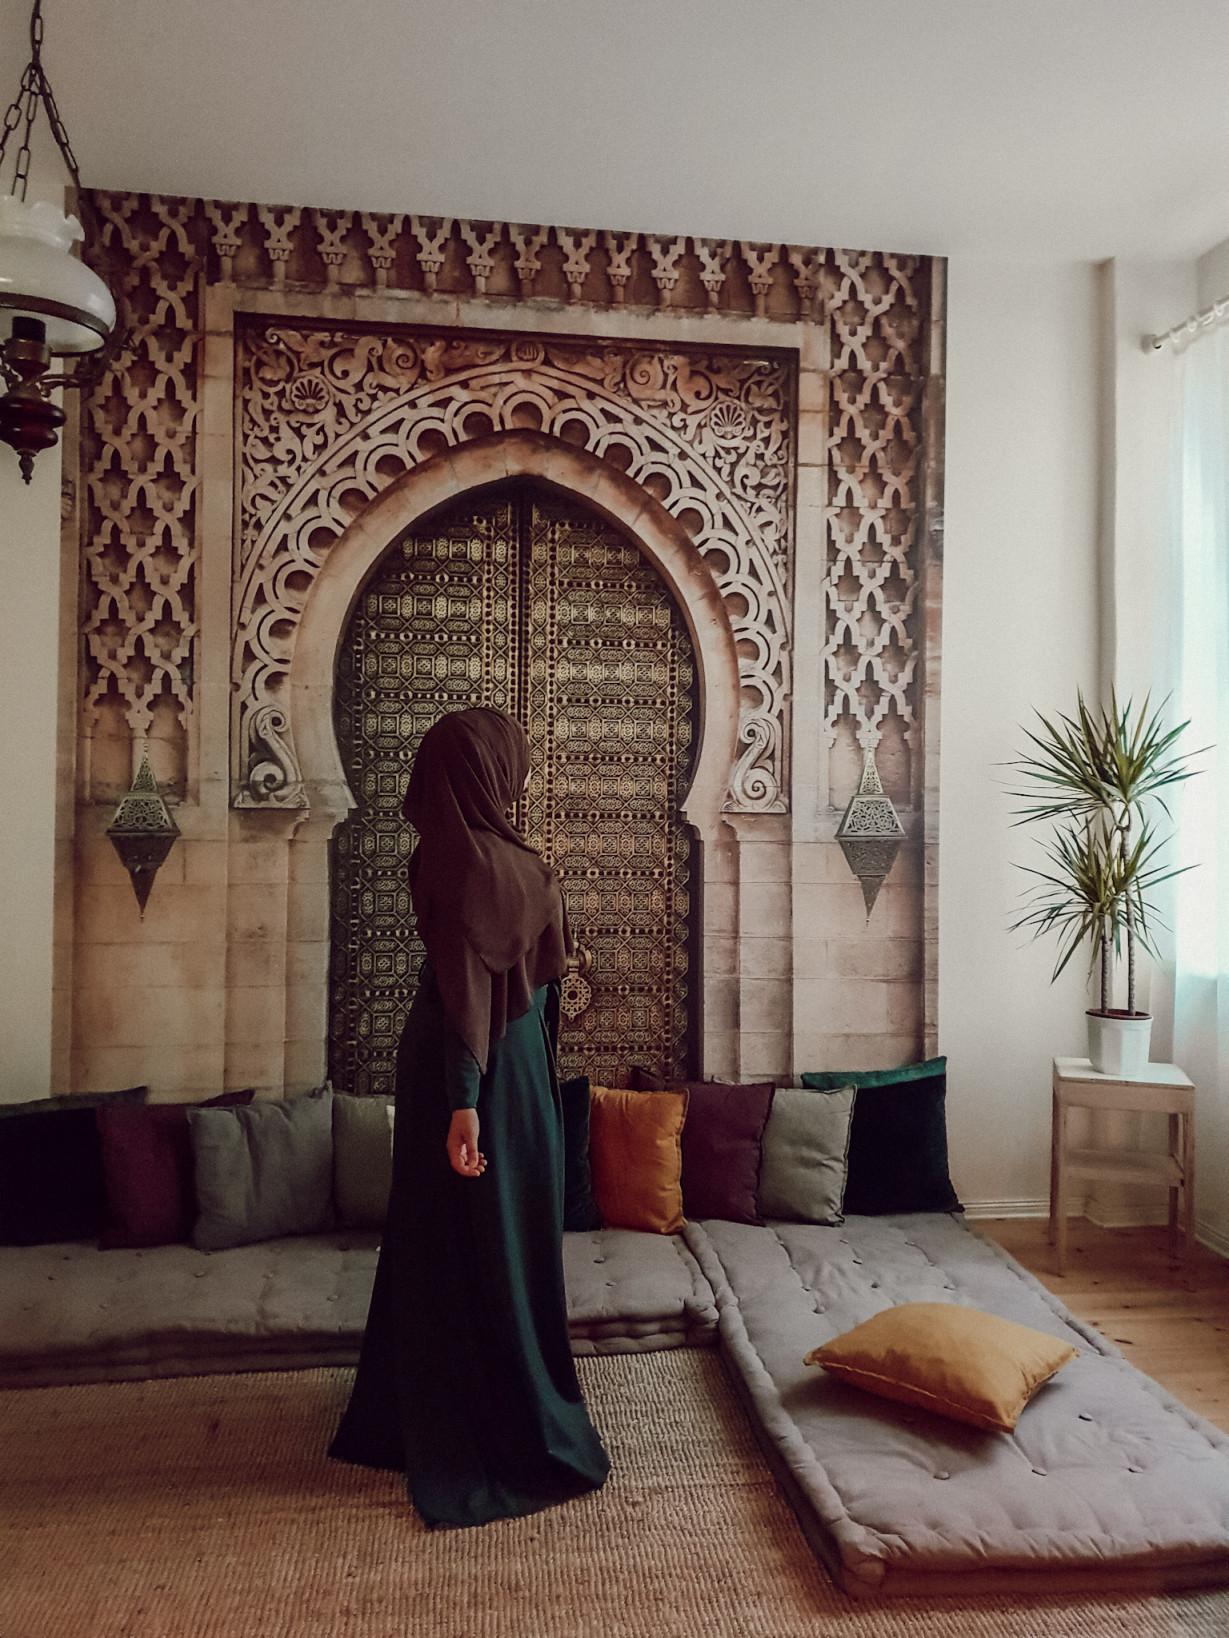 Wohnzimmer Orientalisch Einrichten – Orientblicke von Wohnzimmer Orientalisch Einrichten Bild